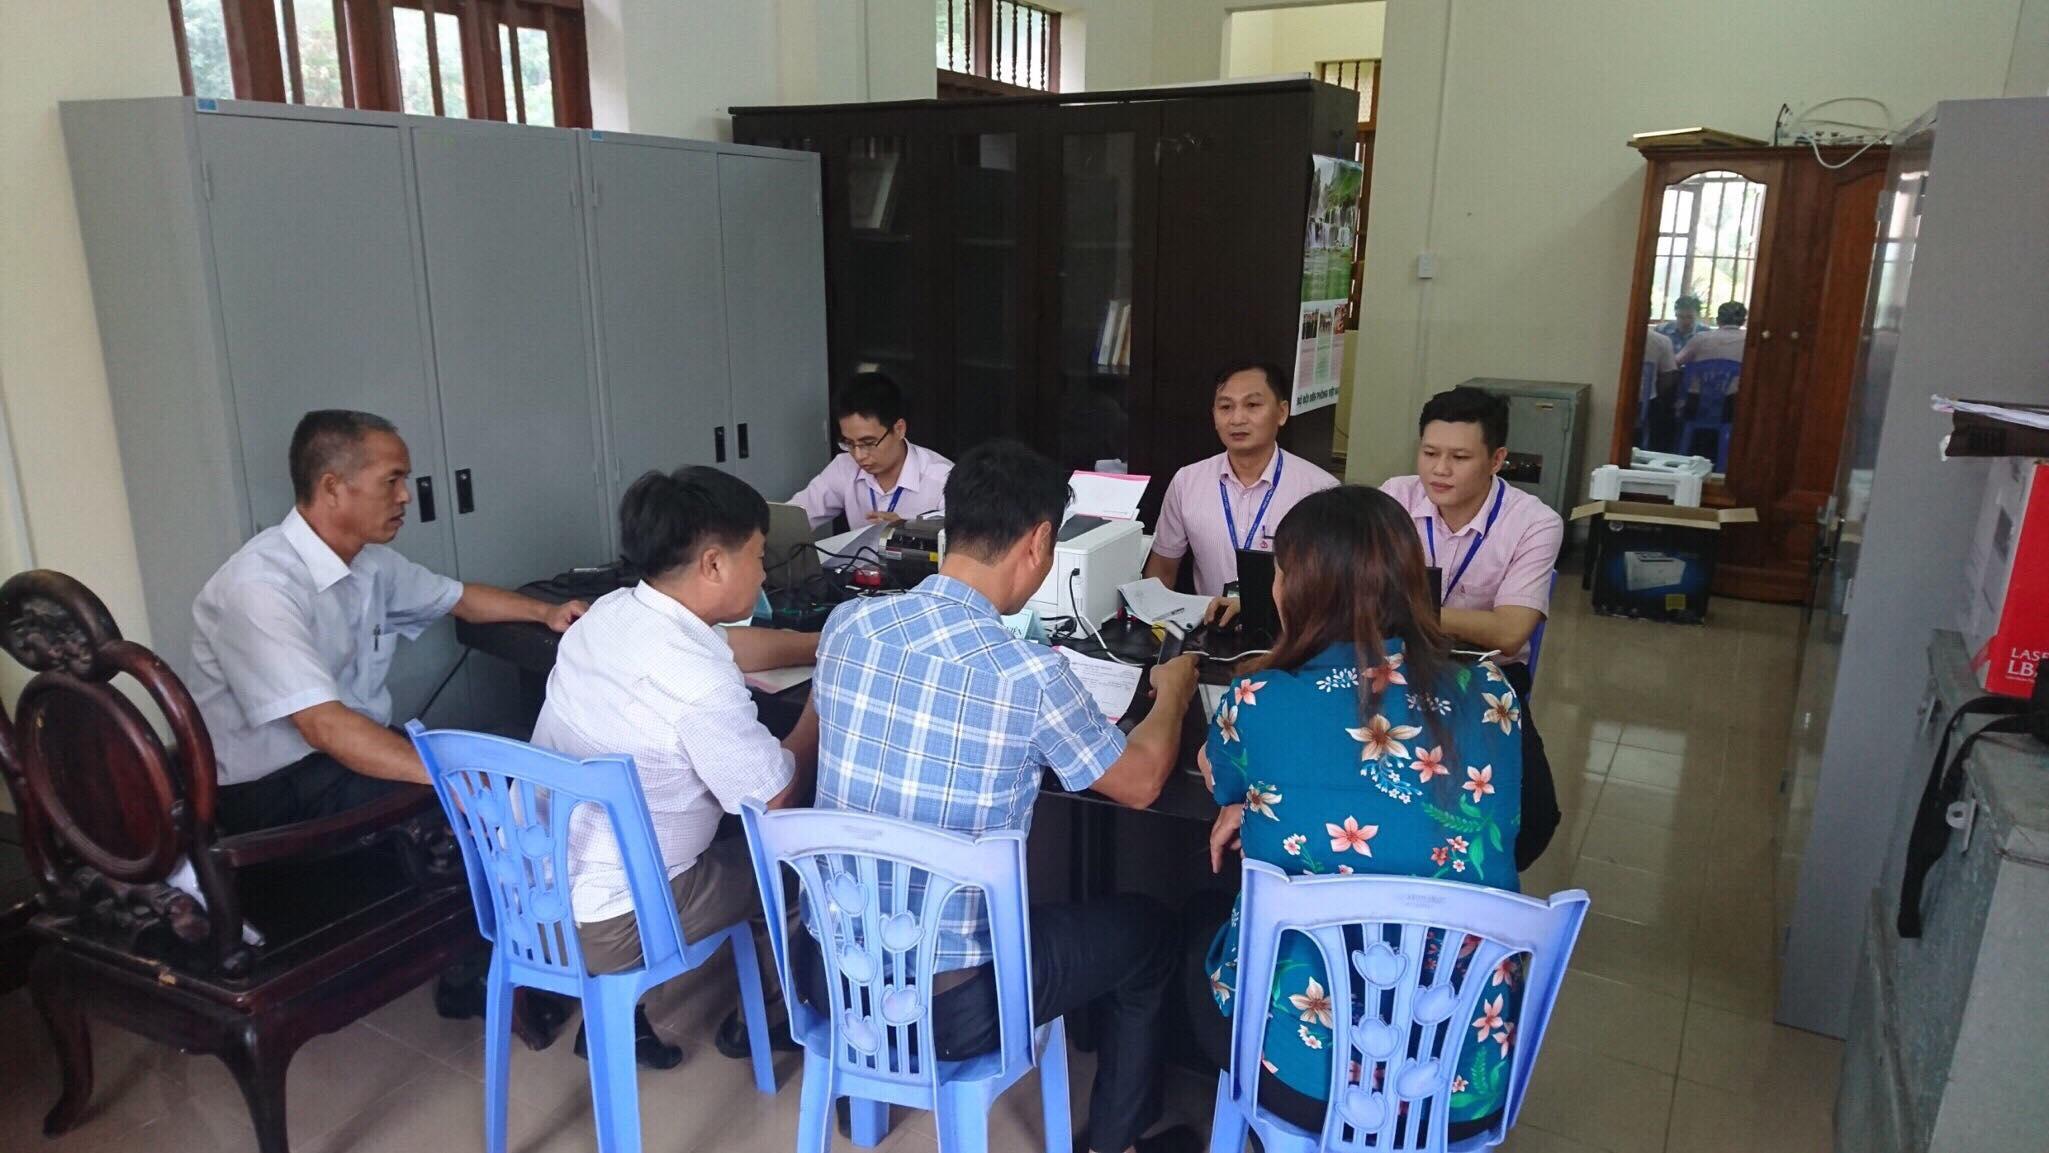 Cán bộ NHCSXH Hải Phòng giải ngân vốn vay tại huyện Bạch Long Vỹ ngày 9-2-2018.